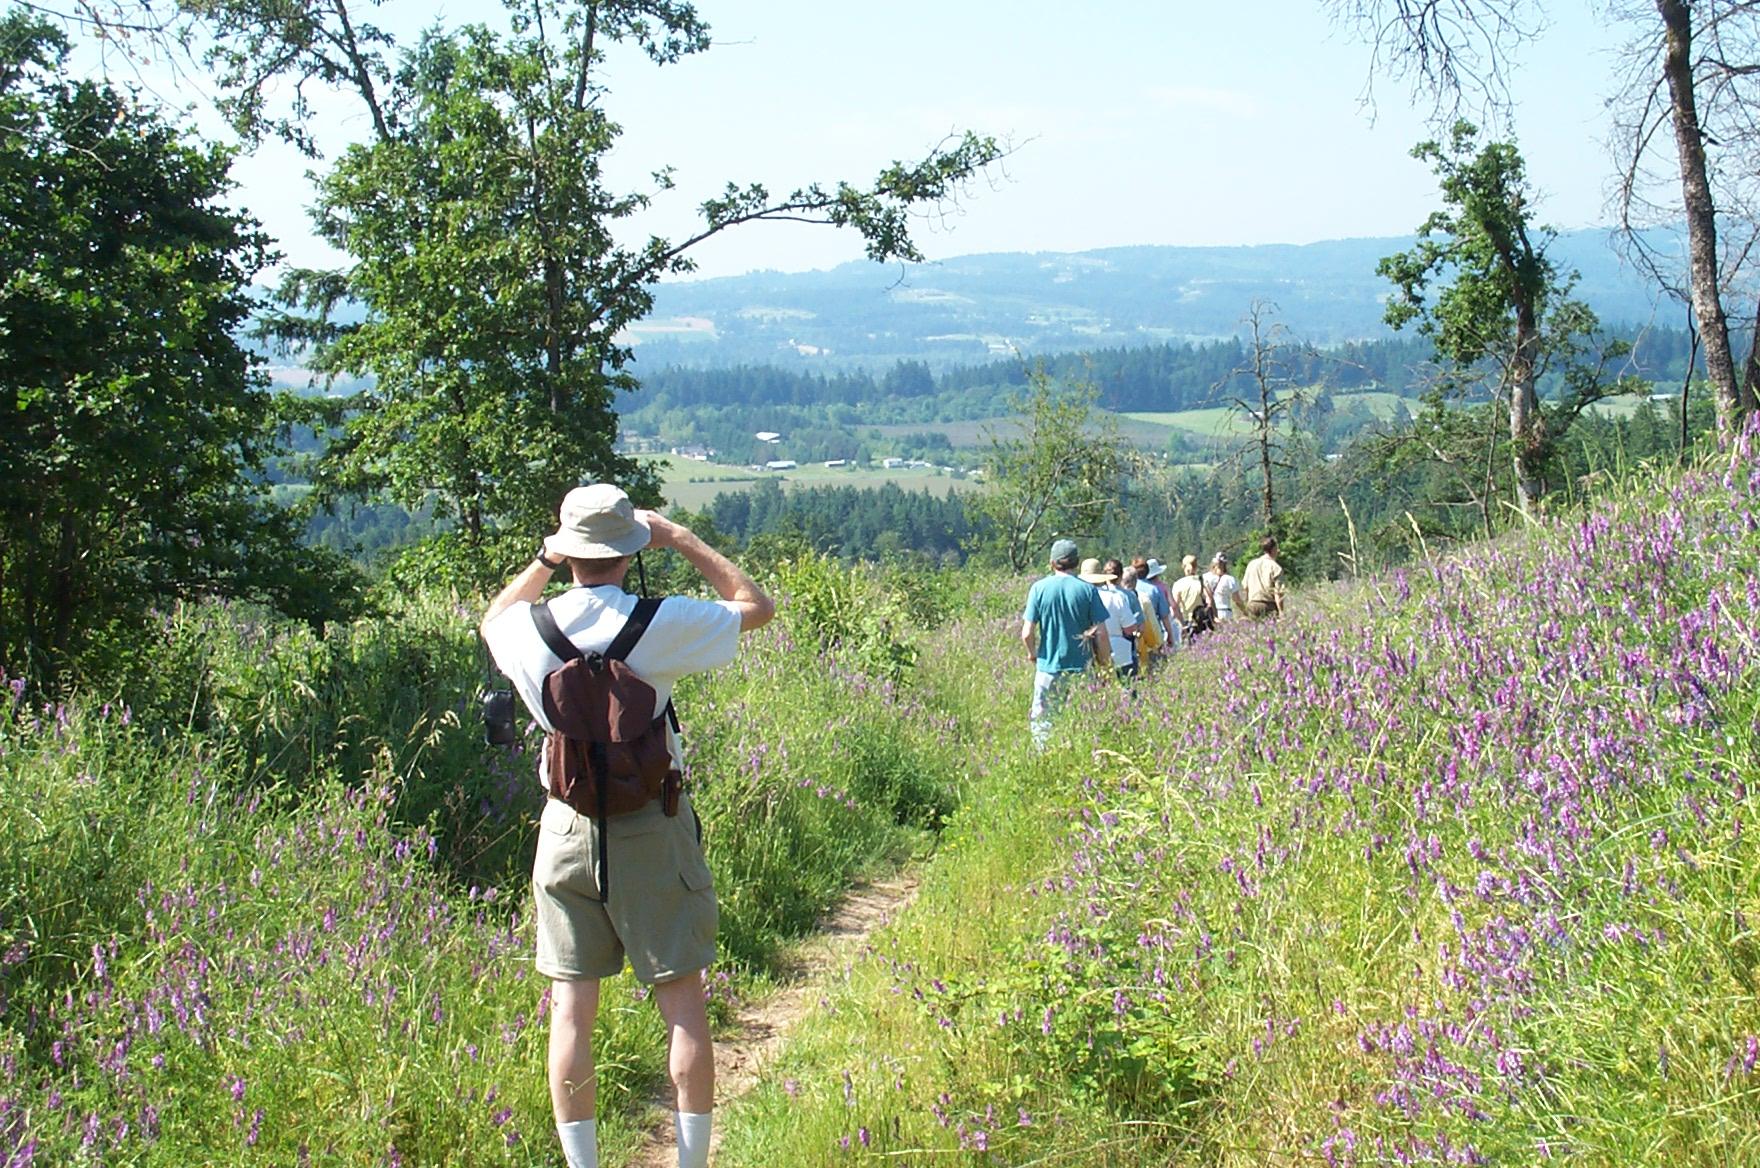 Beaverton Nature Park